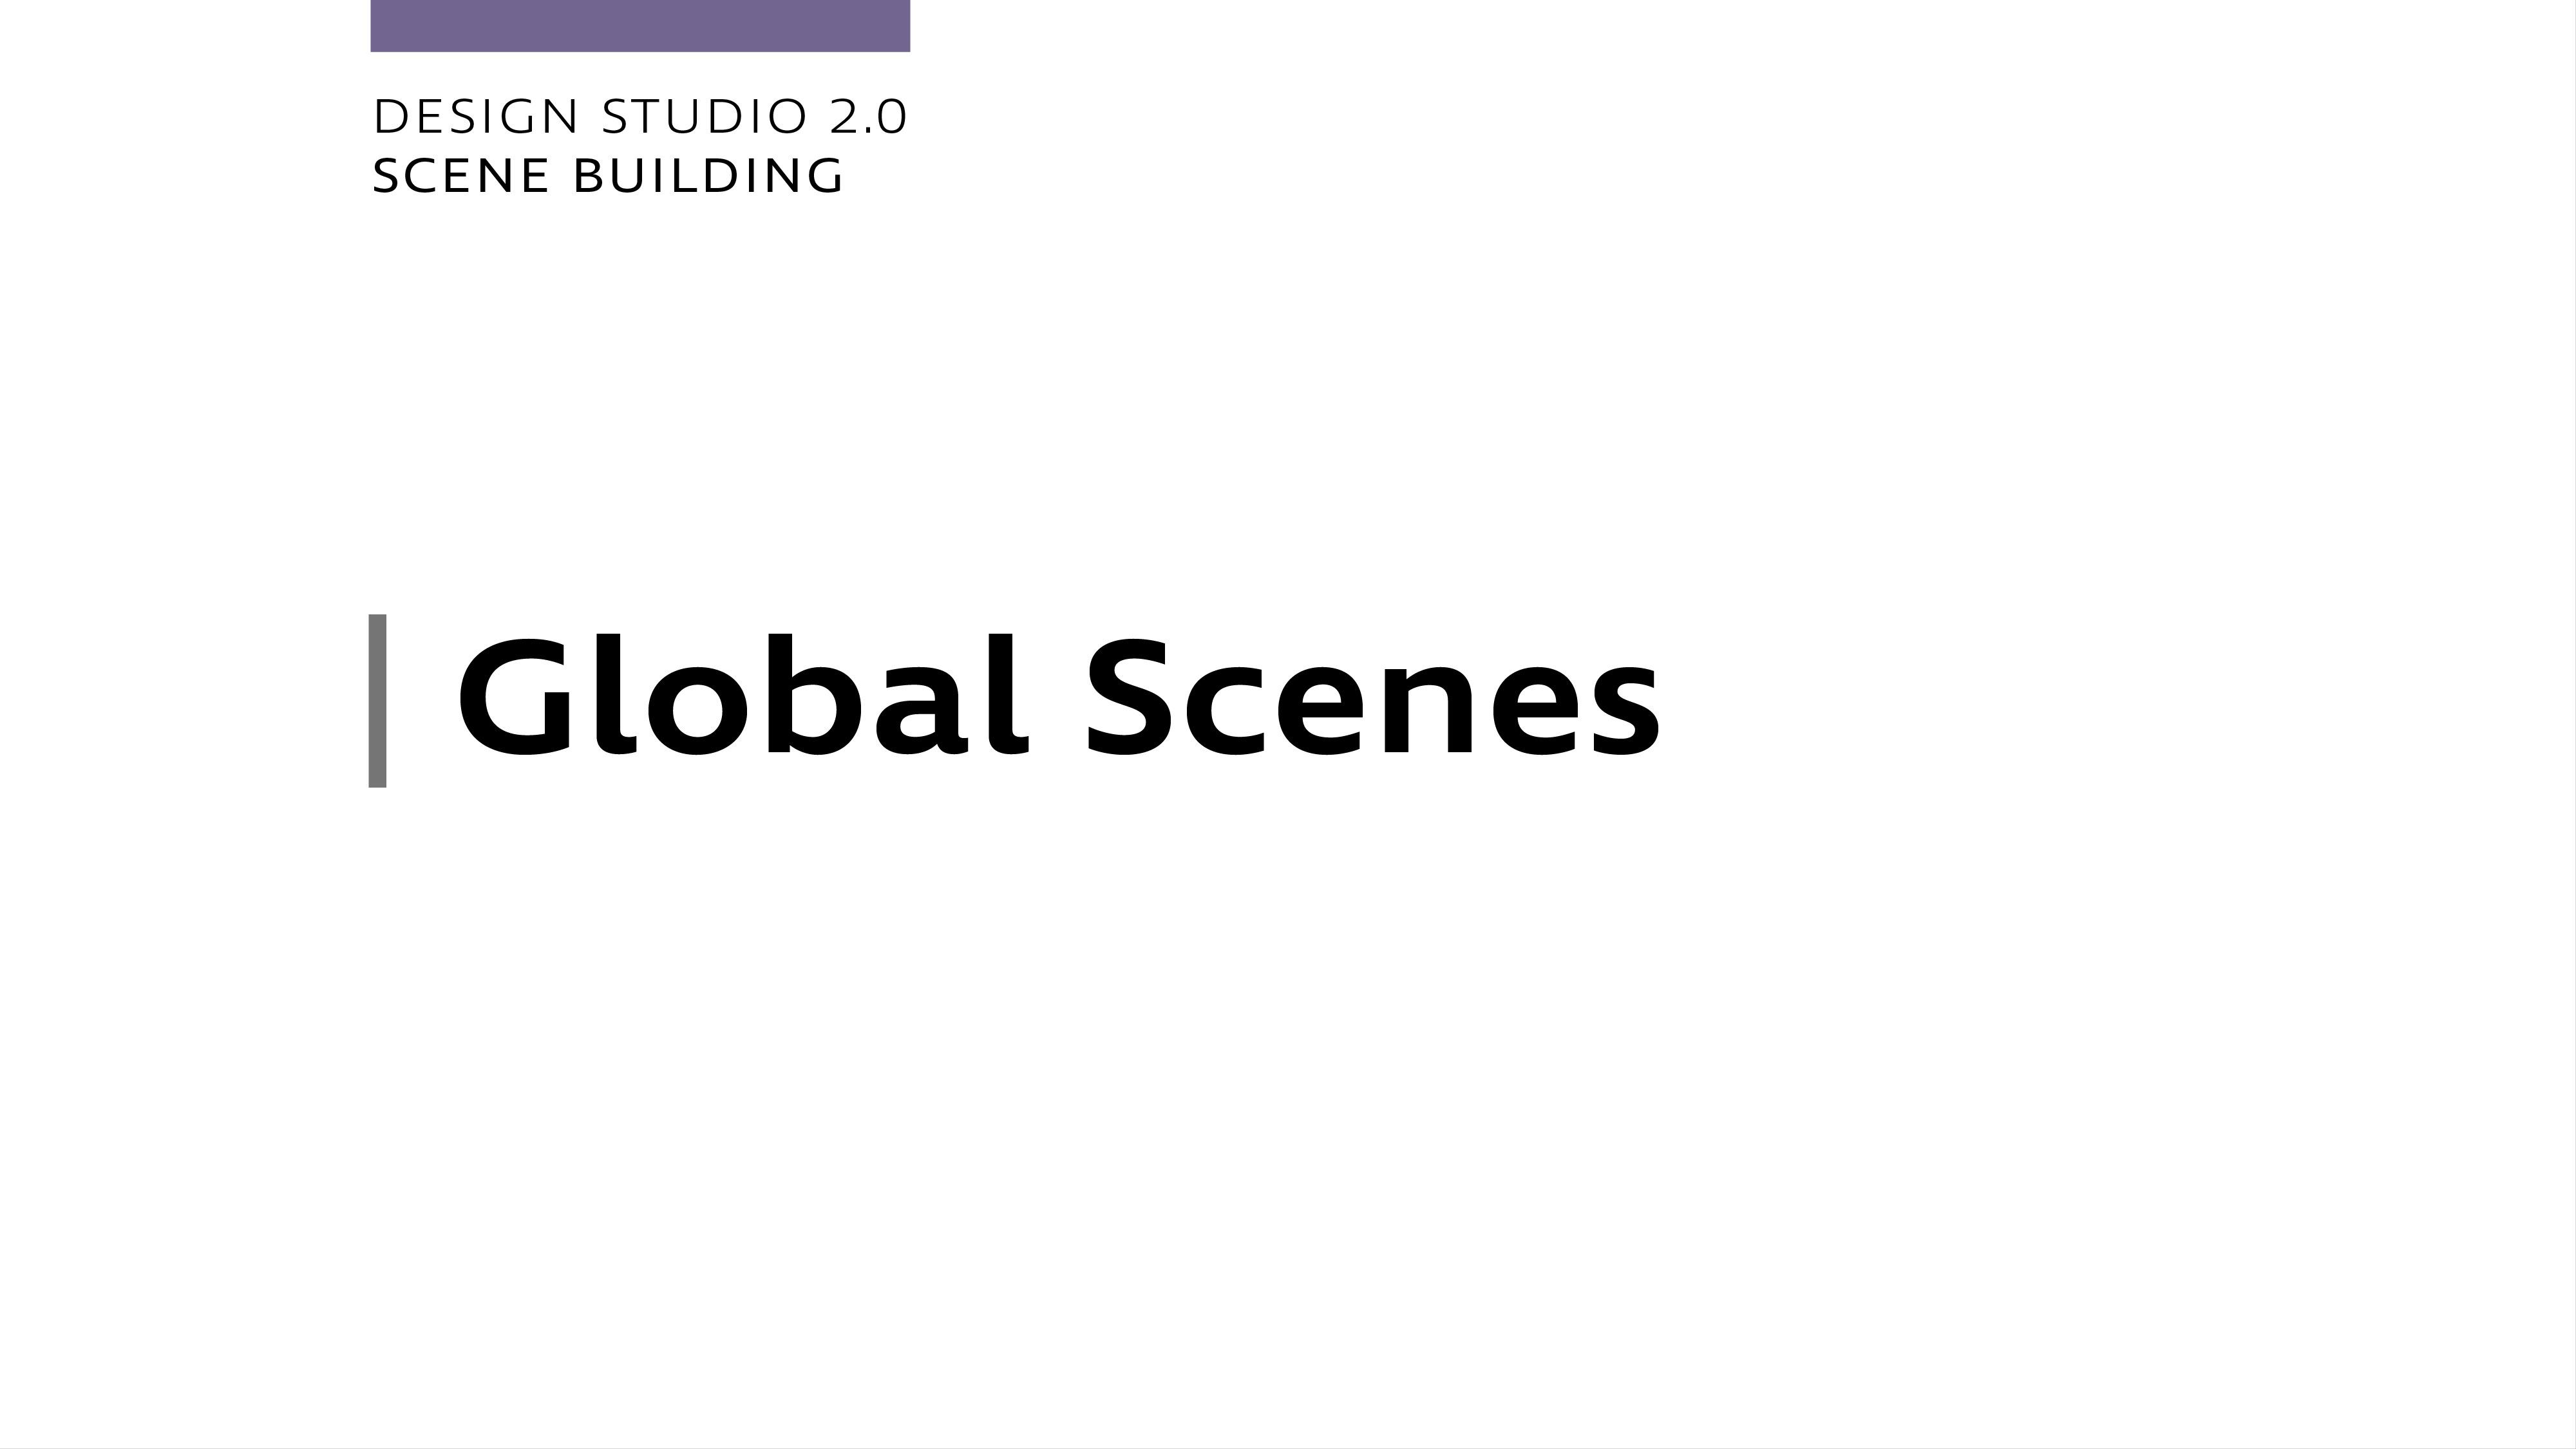 Design Studio 2.0 - Global Scenes